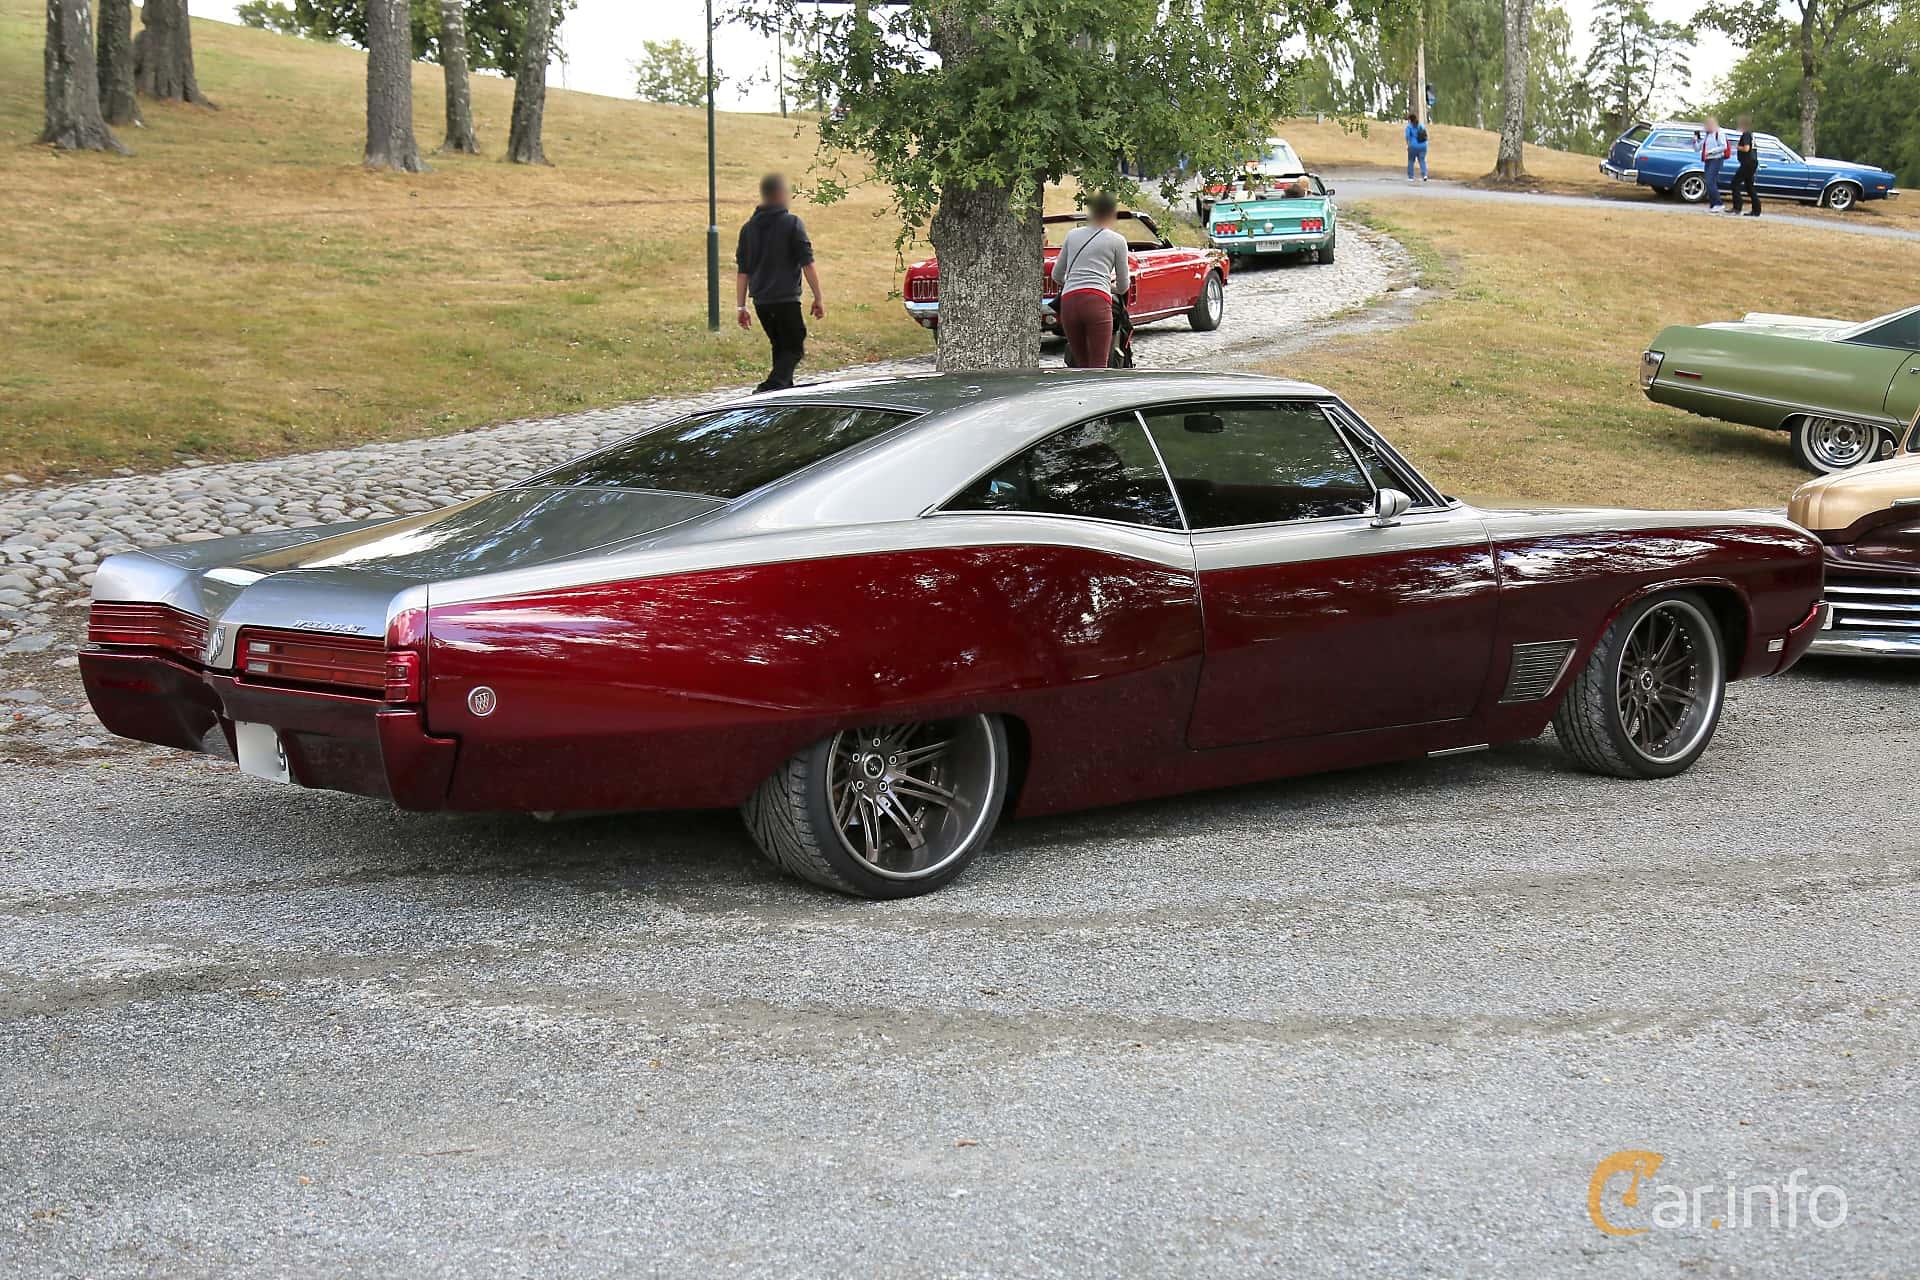 2 Images Of Buick Wildcat Sport Coup 70 V8 365hp 1968 By Espee Door Hardtop Back Side 365ps At Grensetreff Halden